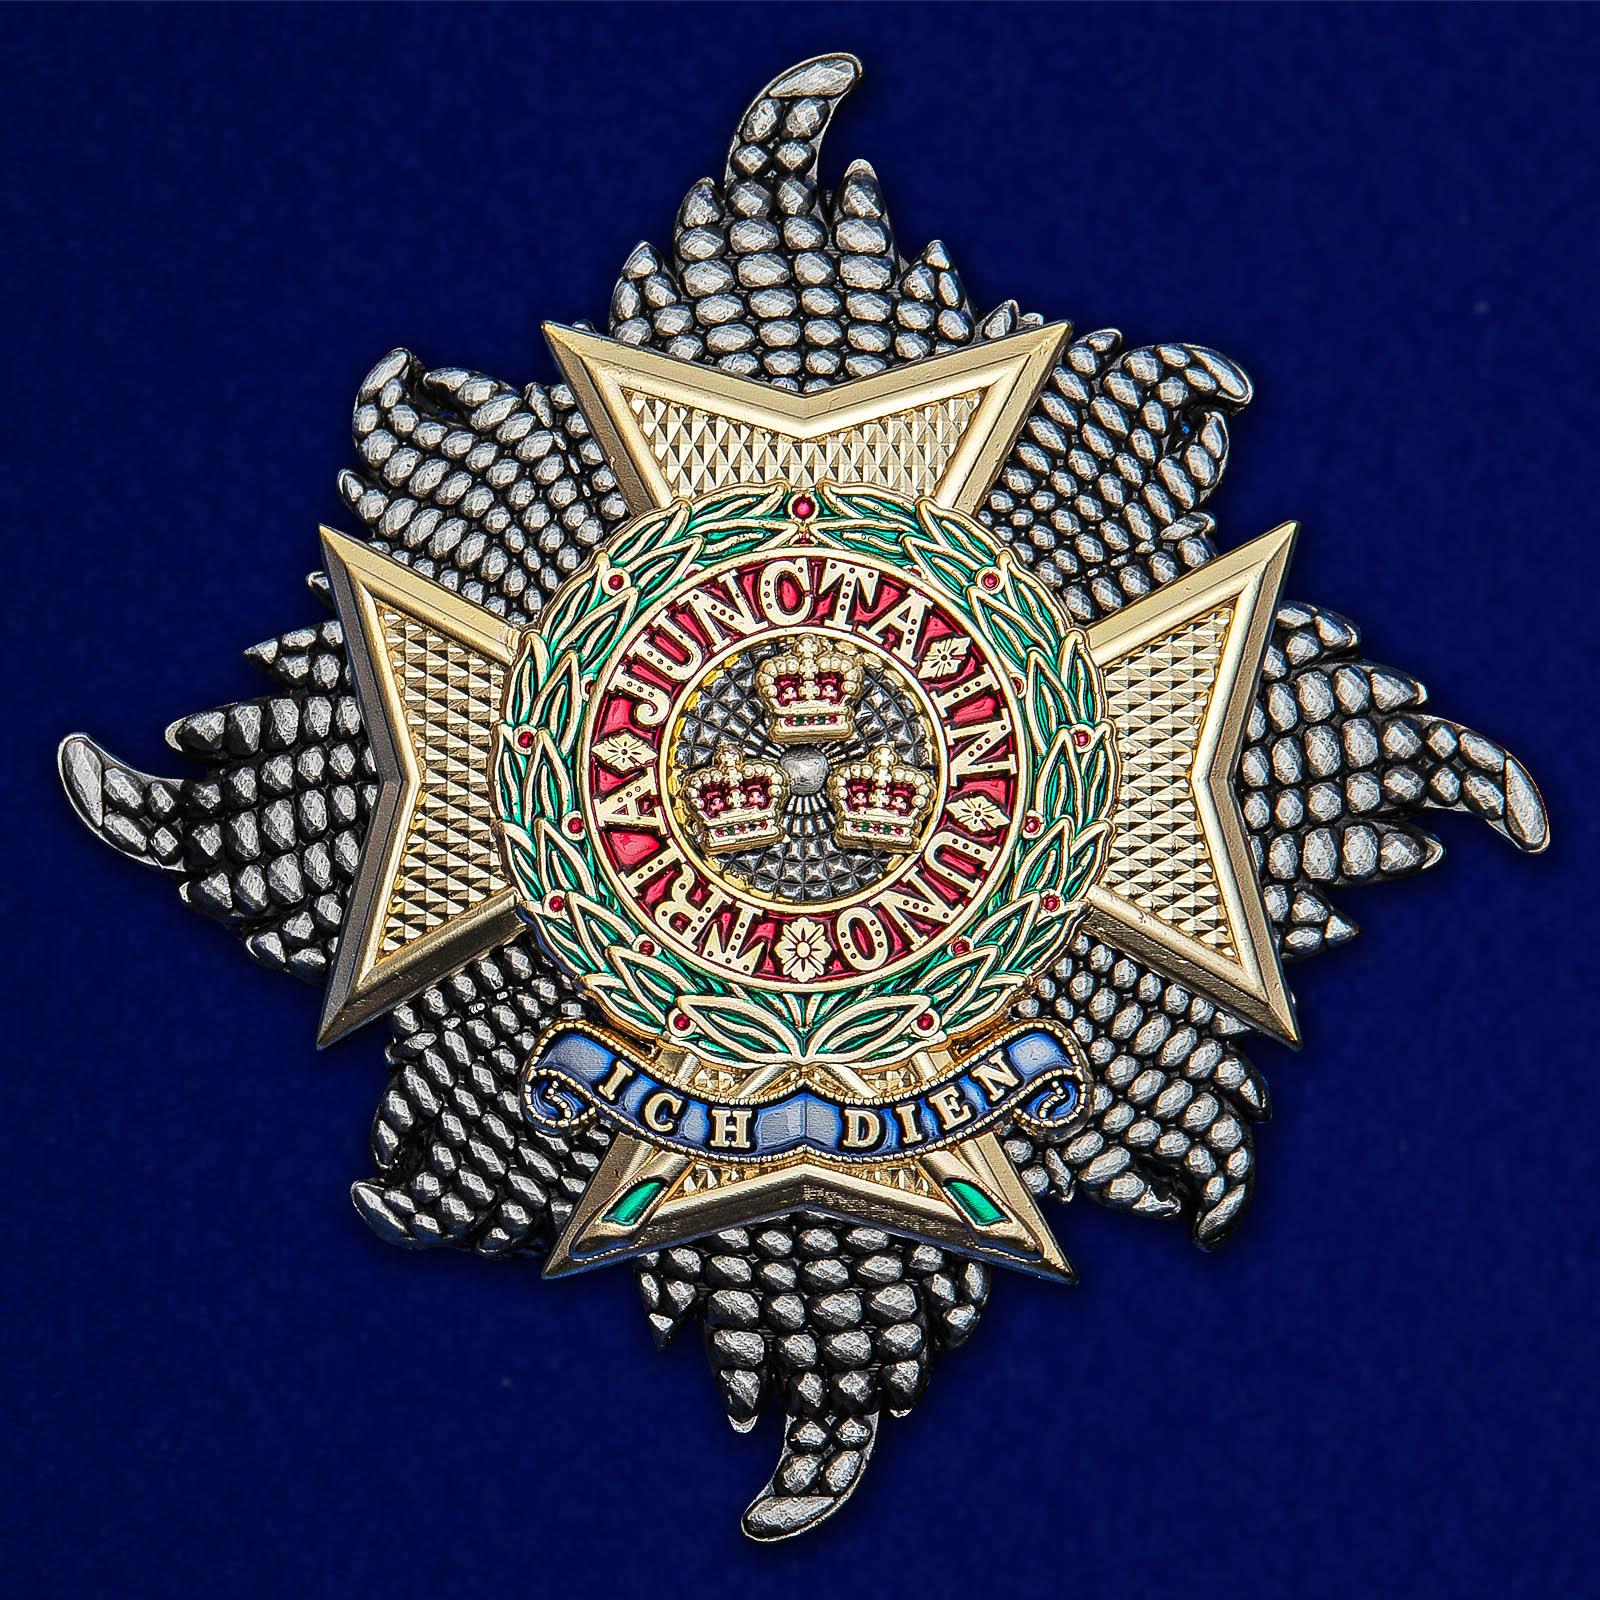 Орден Бани (Звезда Рыцаря Большого креста)